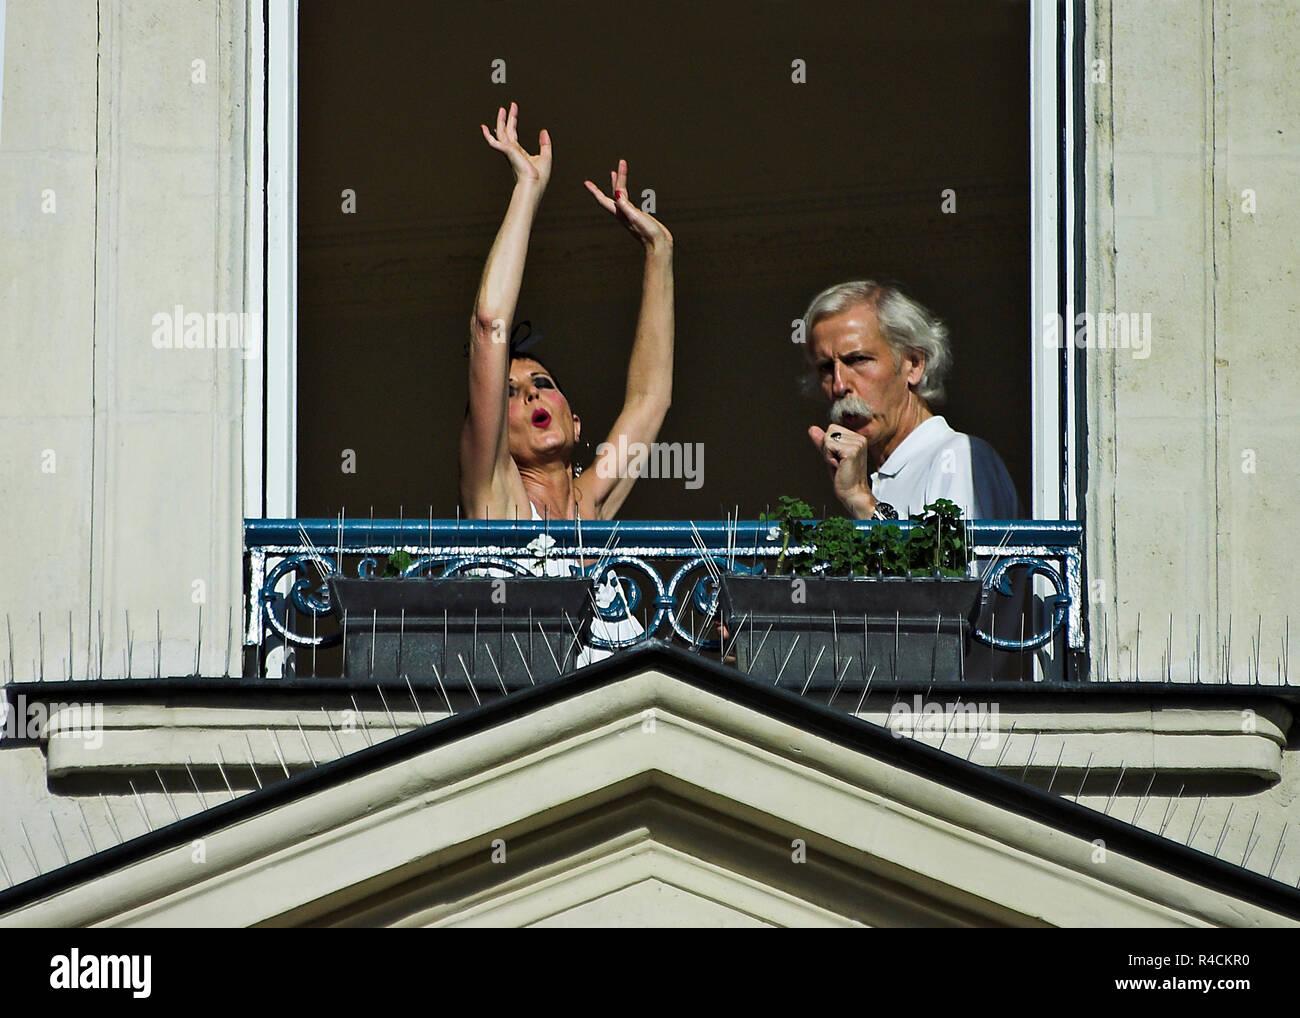 Giovane ballare il tango nel loro appartamento visto attraverso la finestra aperta Immagini Stock